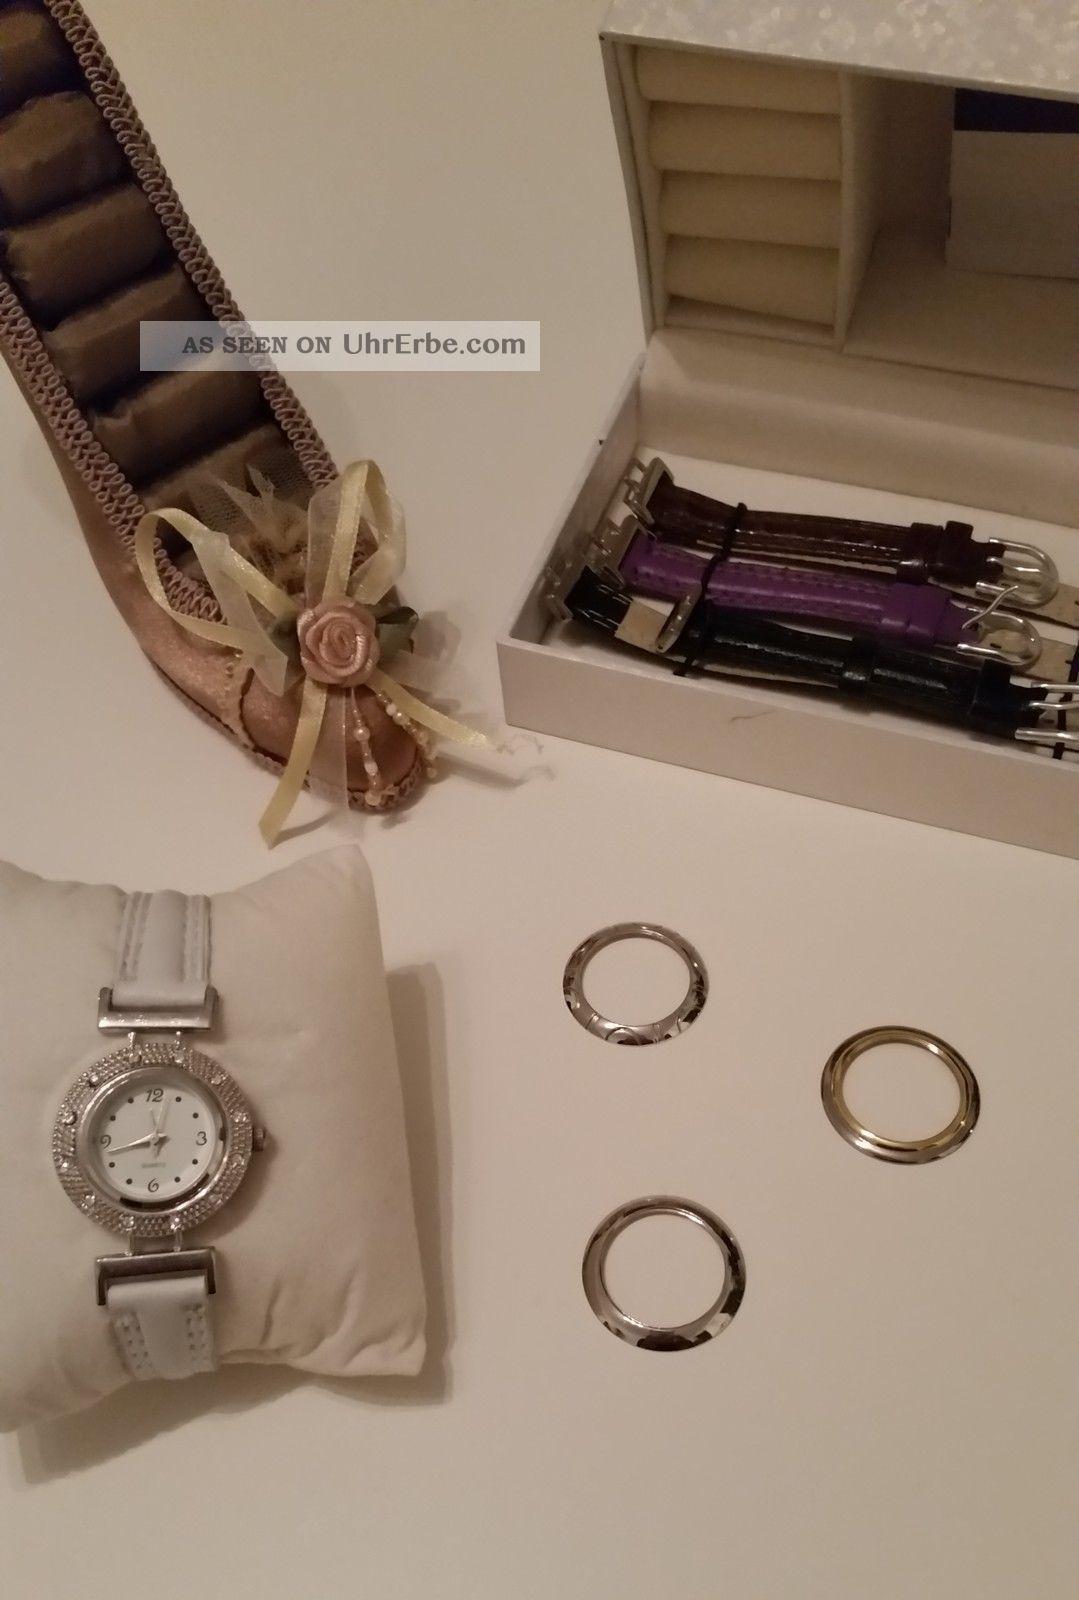 Uhr Damenuhr Mit Auswechselbaren Armbändern Armbanduhren Bild